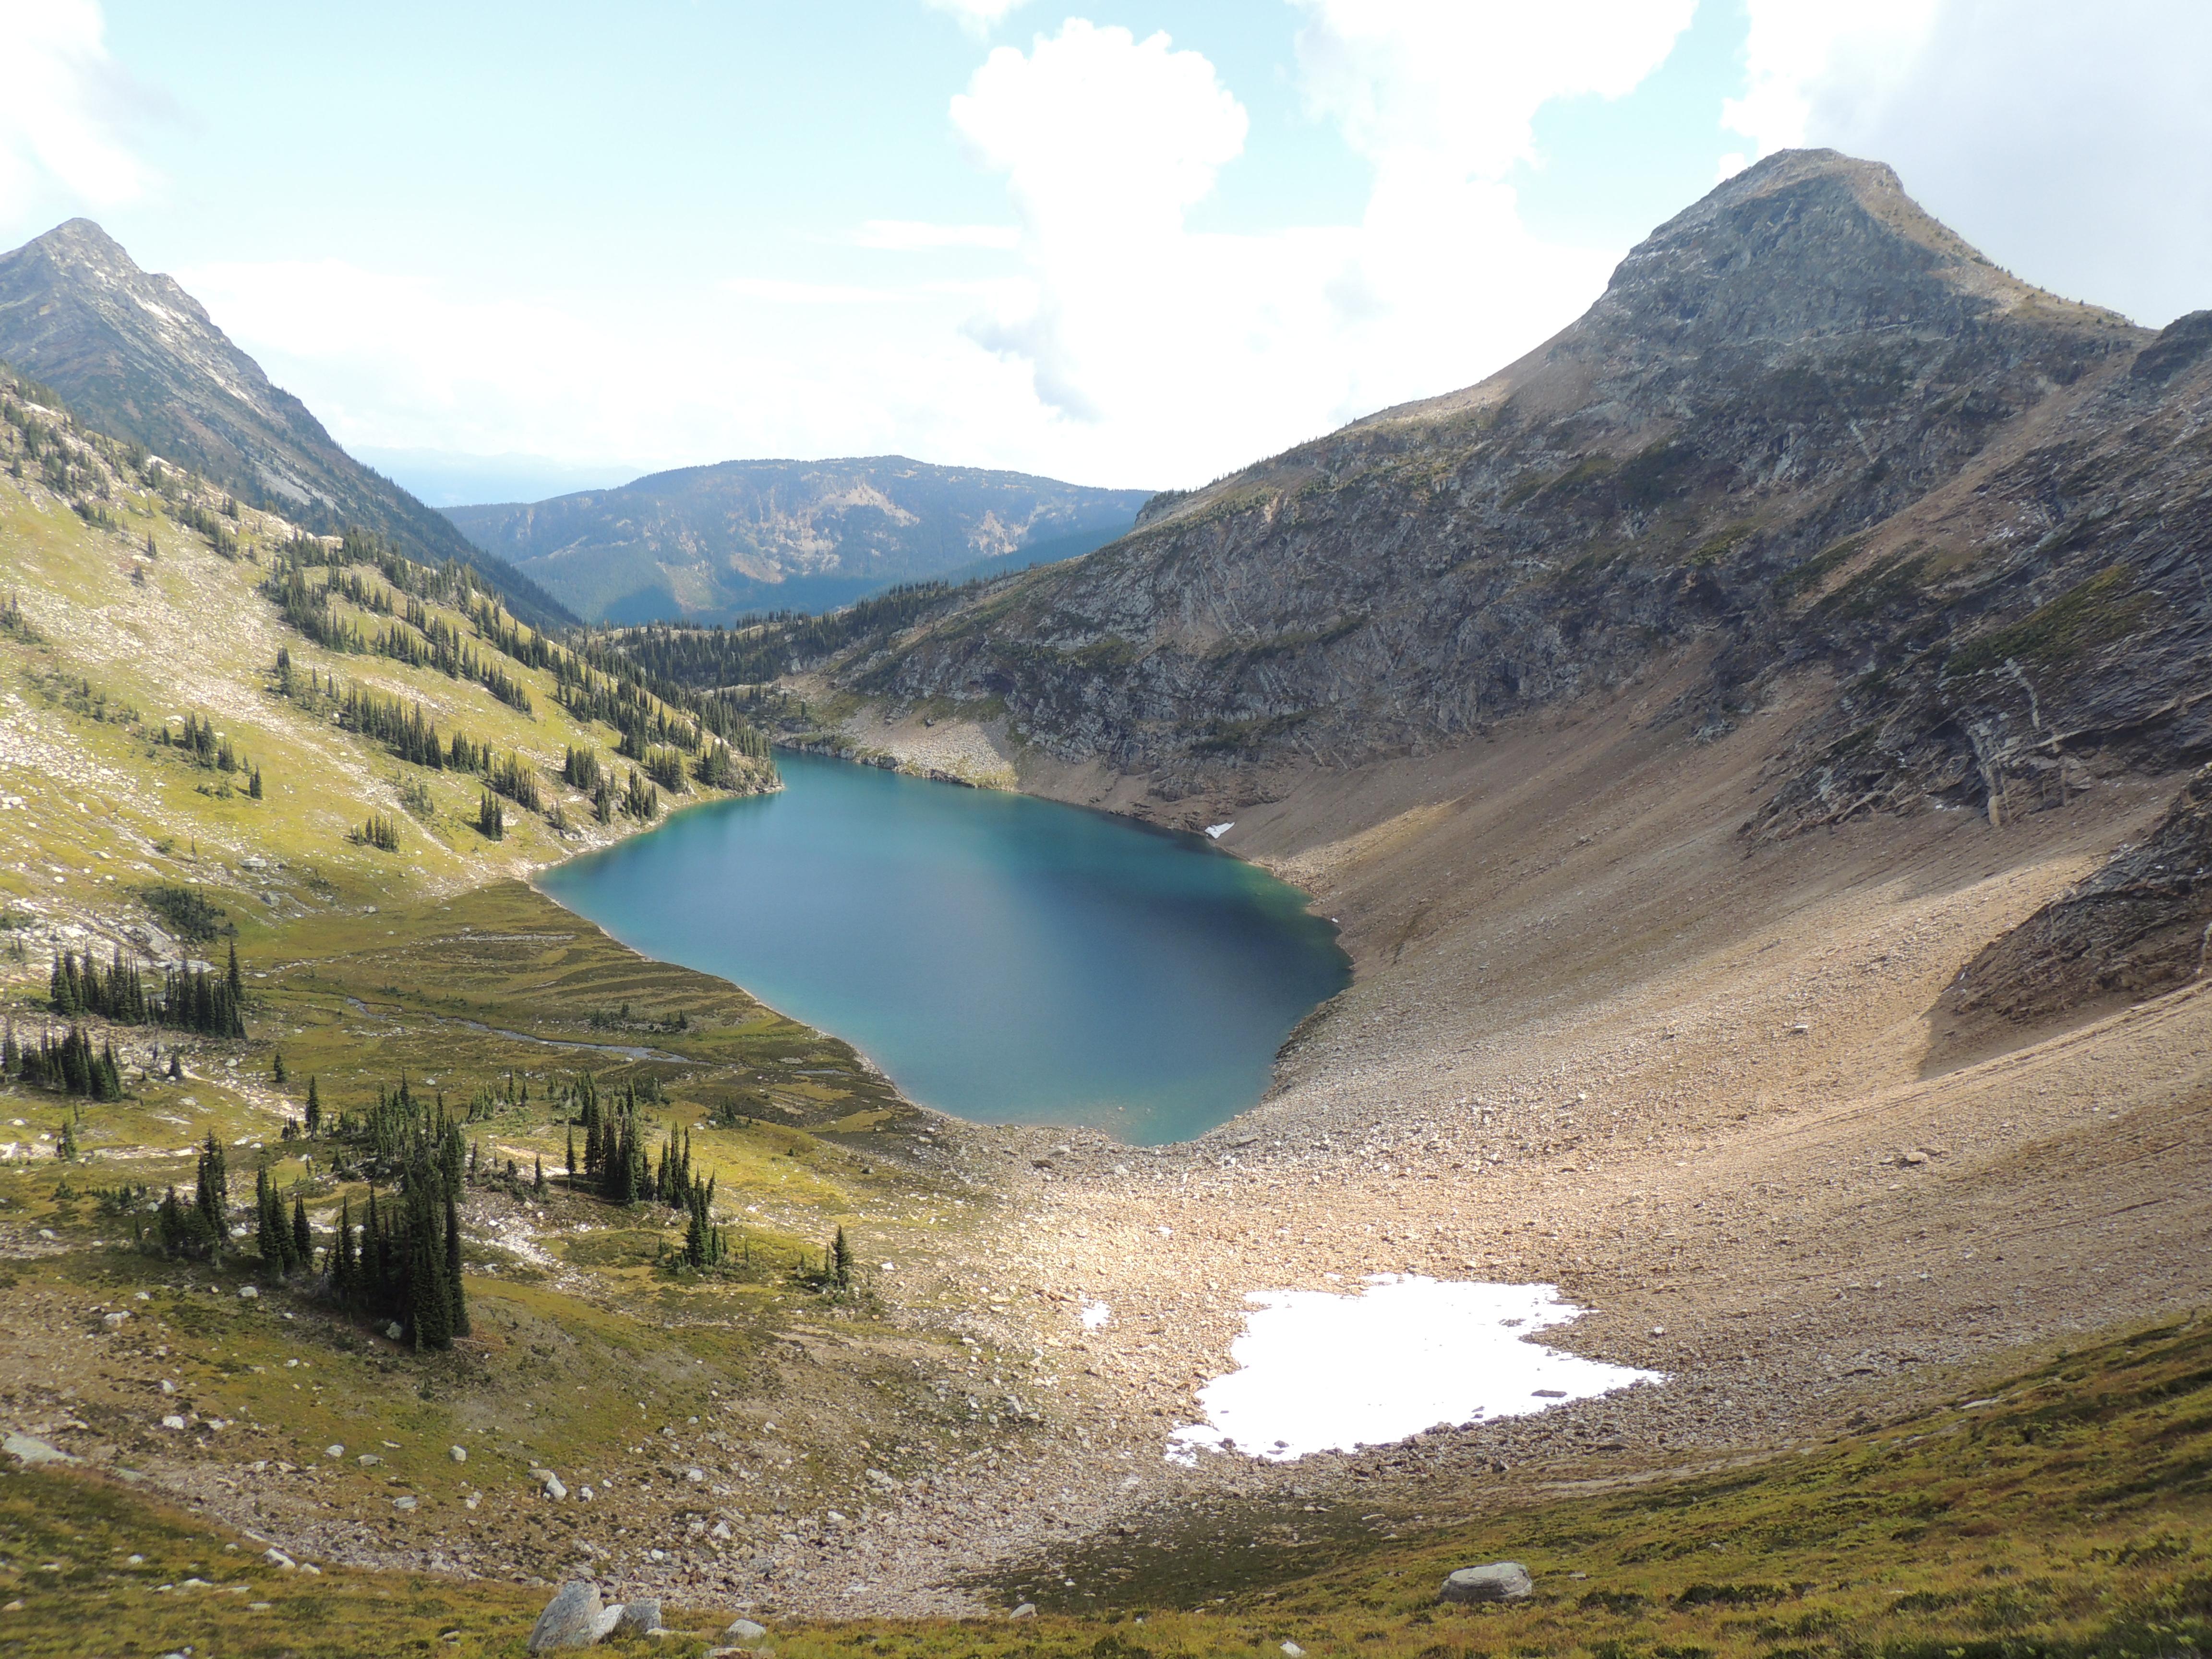 Monashee Lake